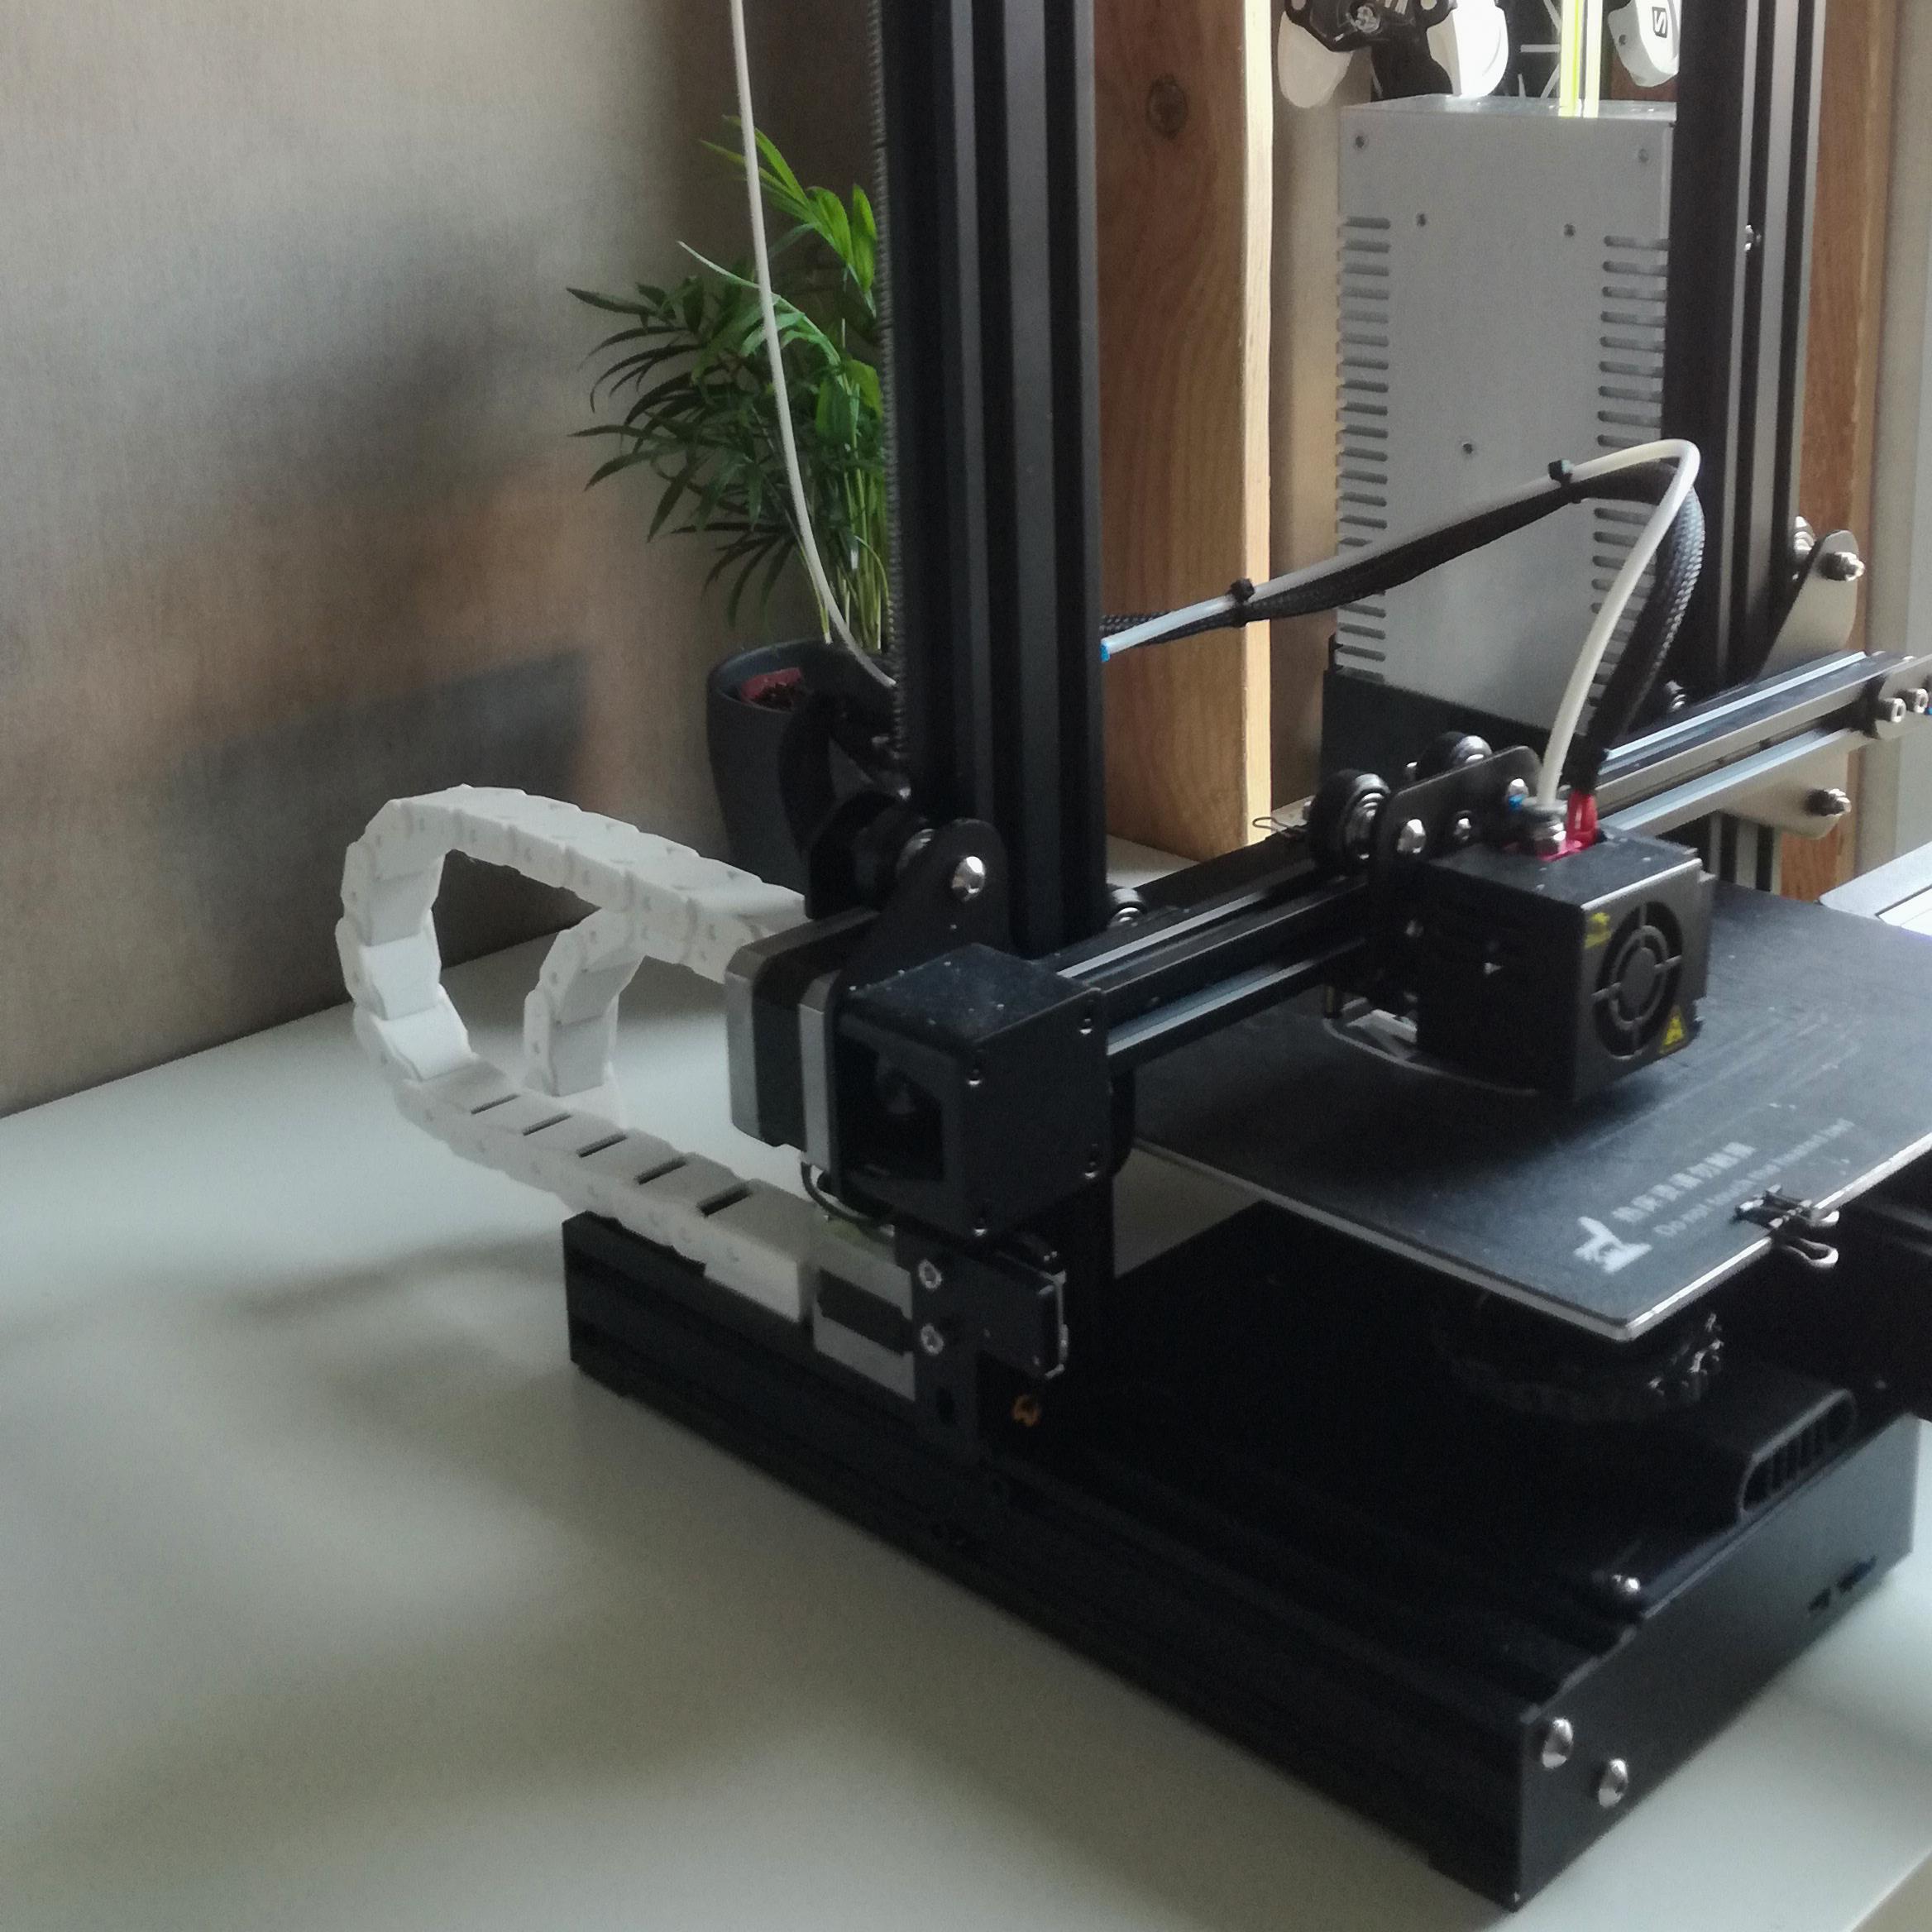 IMG_20191026_171345.jpg Télécharger fichier STL gratuit Creality Ender 3 Upgrade Cable Guide • Plan à imprimer en 3D, Niels